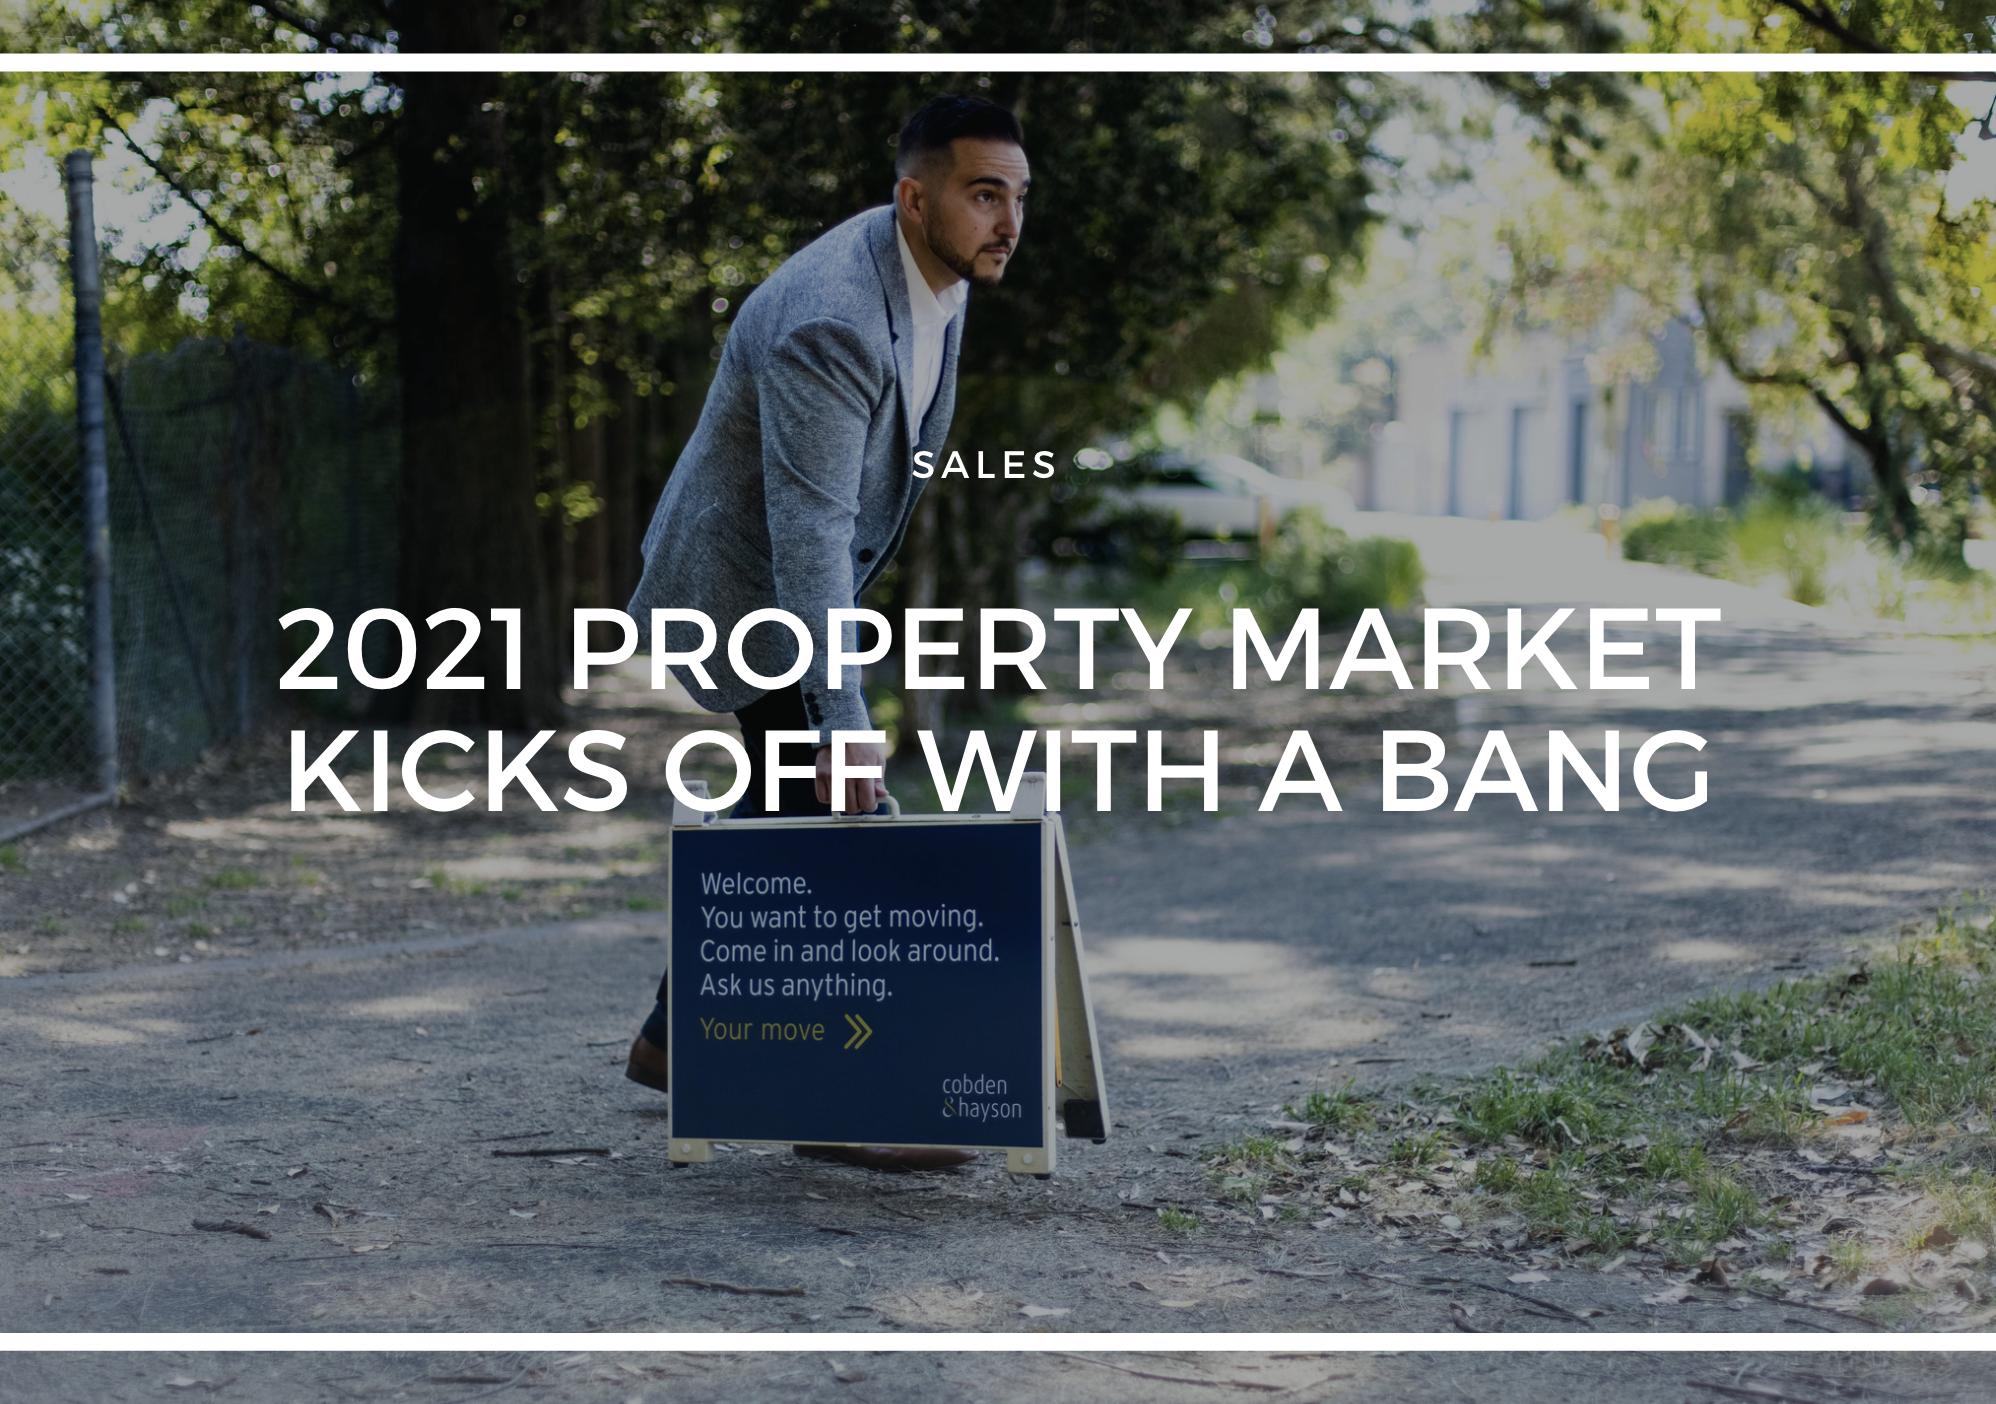 2021 PROPERTY MARKET KICKS OFF WITH A BANG